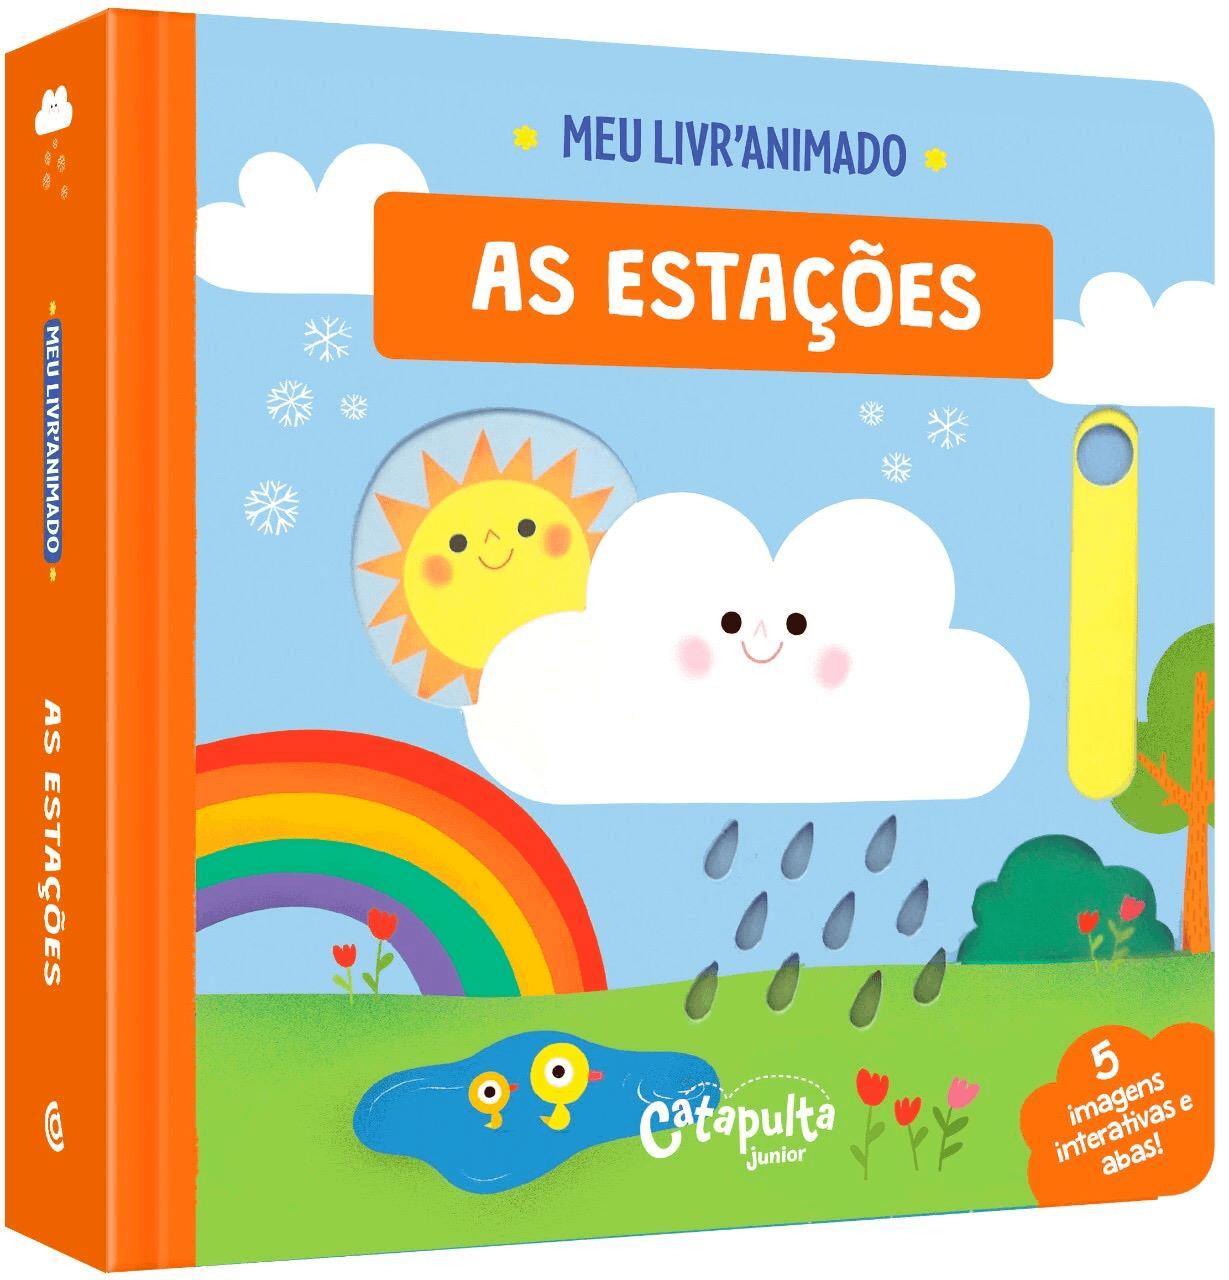 Meu Livro Animado - As Estações